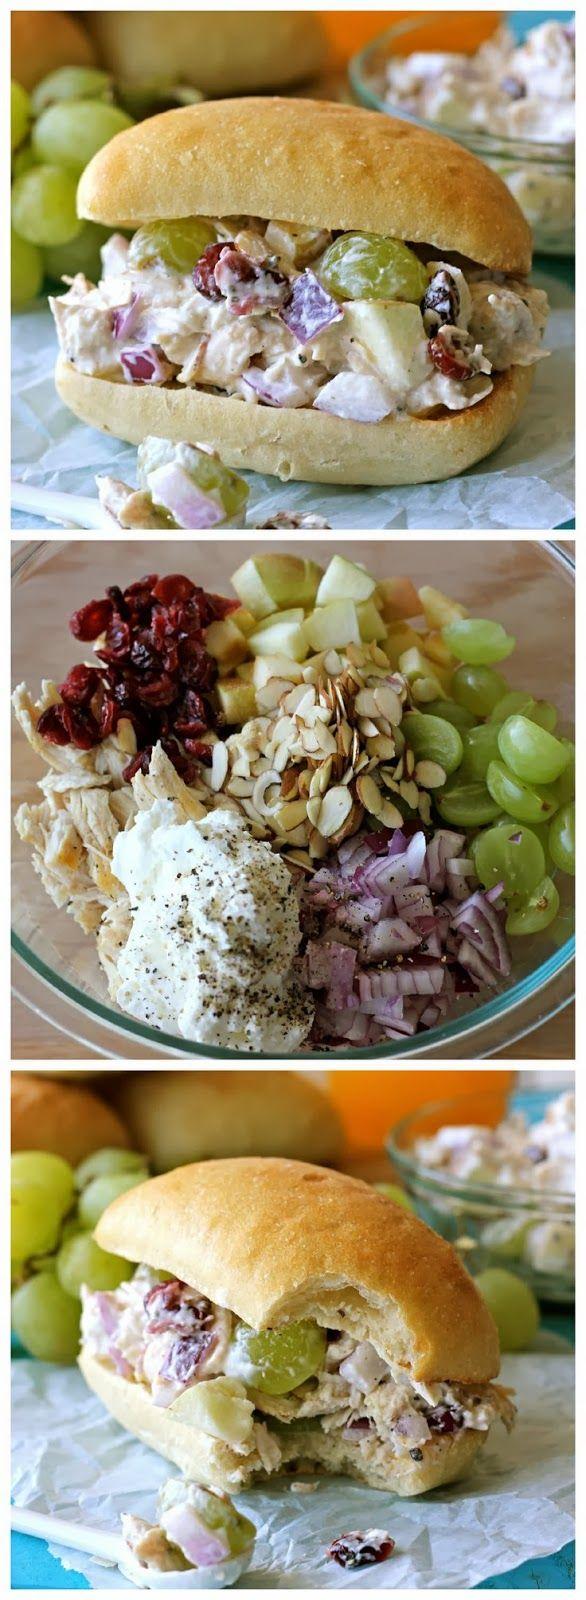 Greek Yogurt Chicken Salad Sandwich - make in lettuce wrap Weight Loss Recipes http://www.4myprosperity.com/?page_id=39